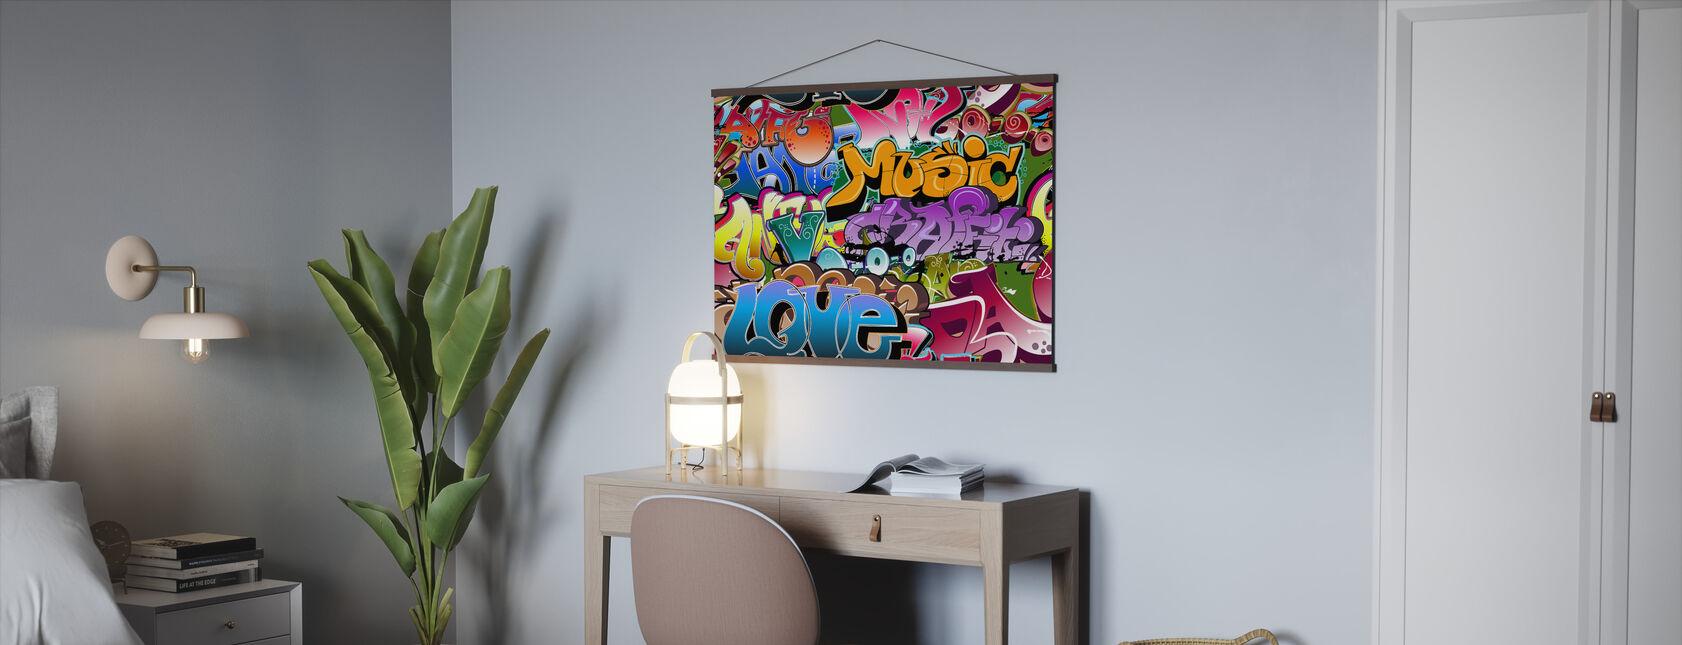 Musikk elsker graffiti - Plakat - Kontor